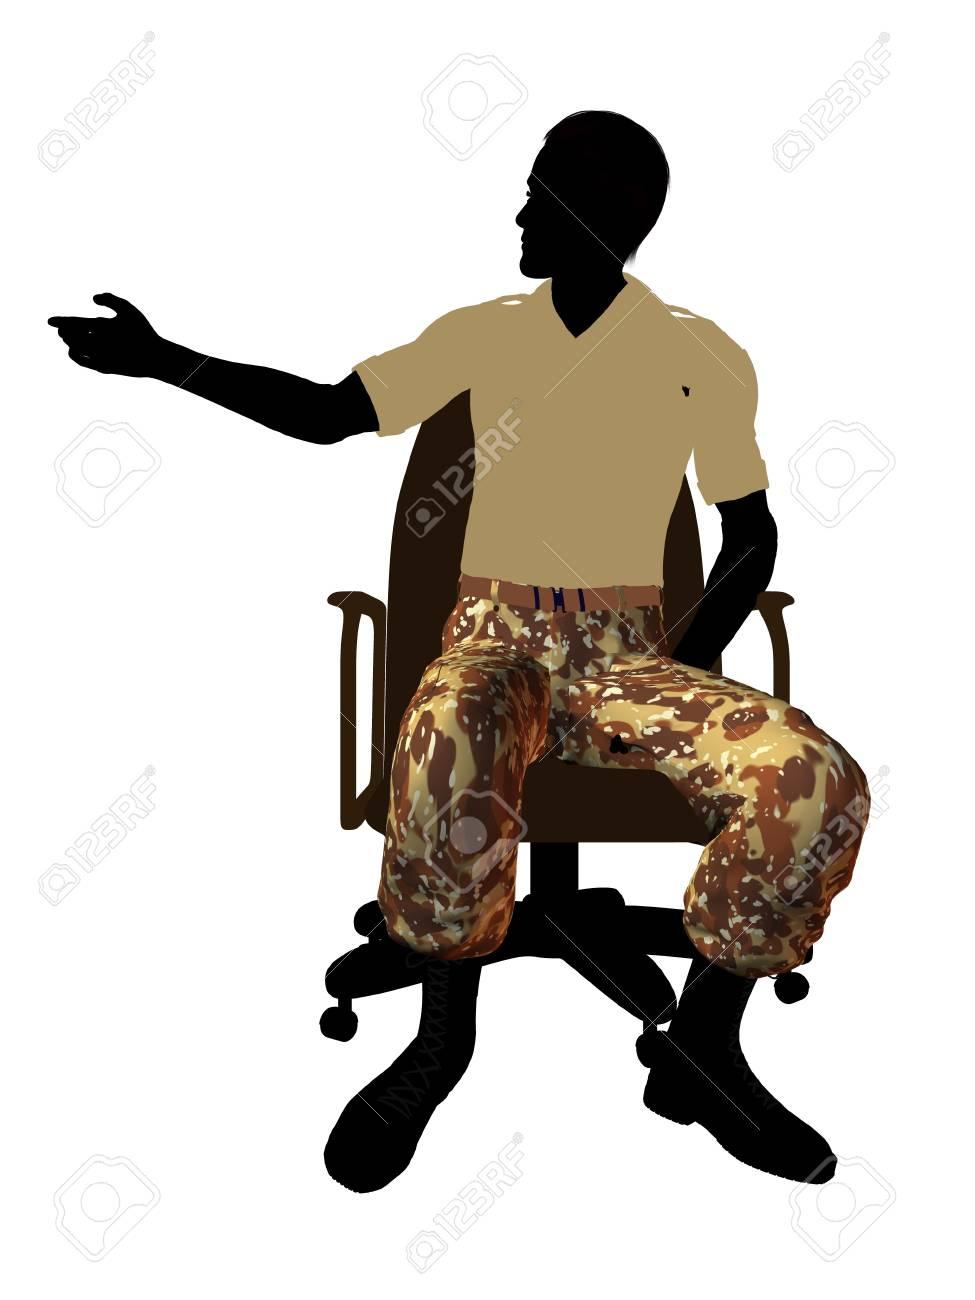 Silhouette Soldat Bureau Légère Une Un Fond Vêtu Assis Blanc Mâle Sur De Chaise PkuXZi